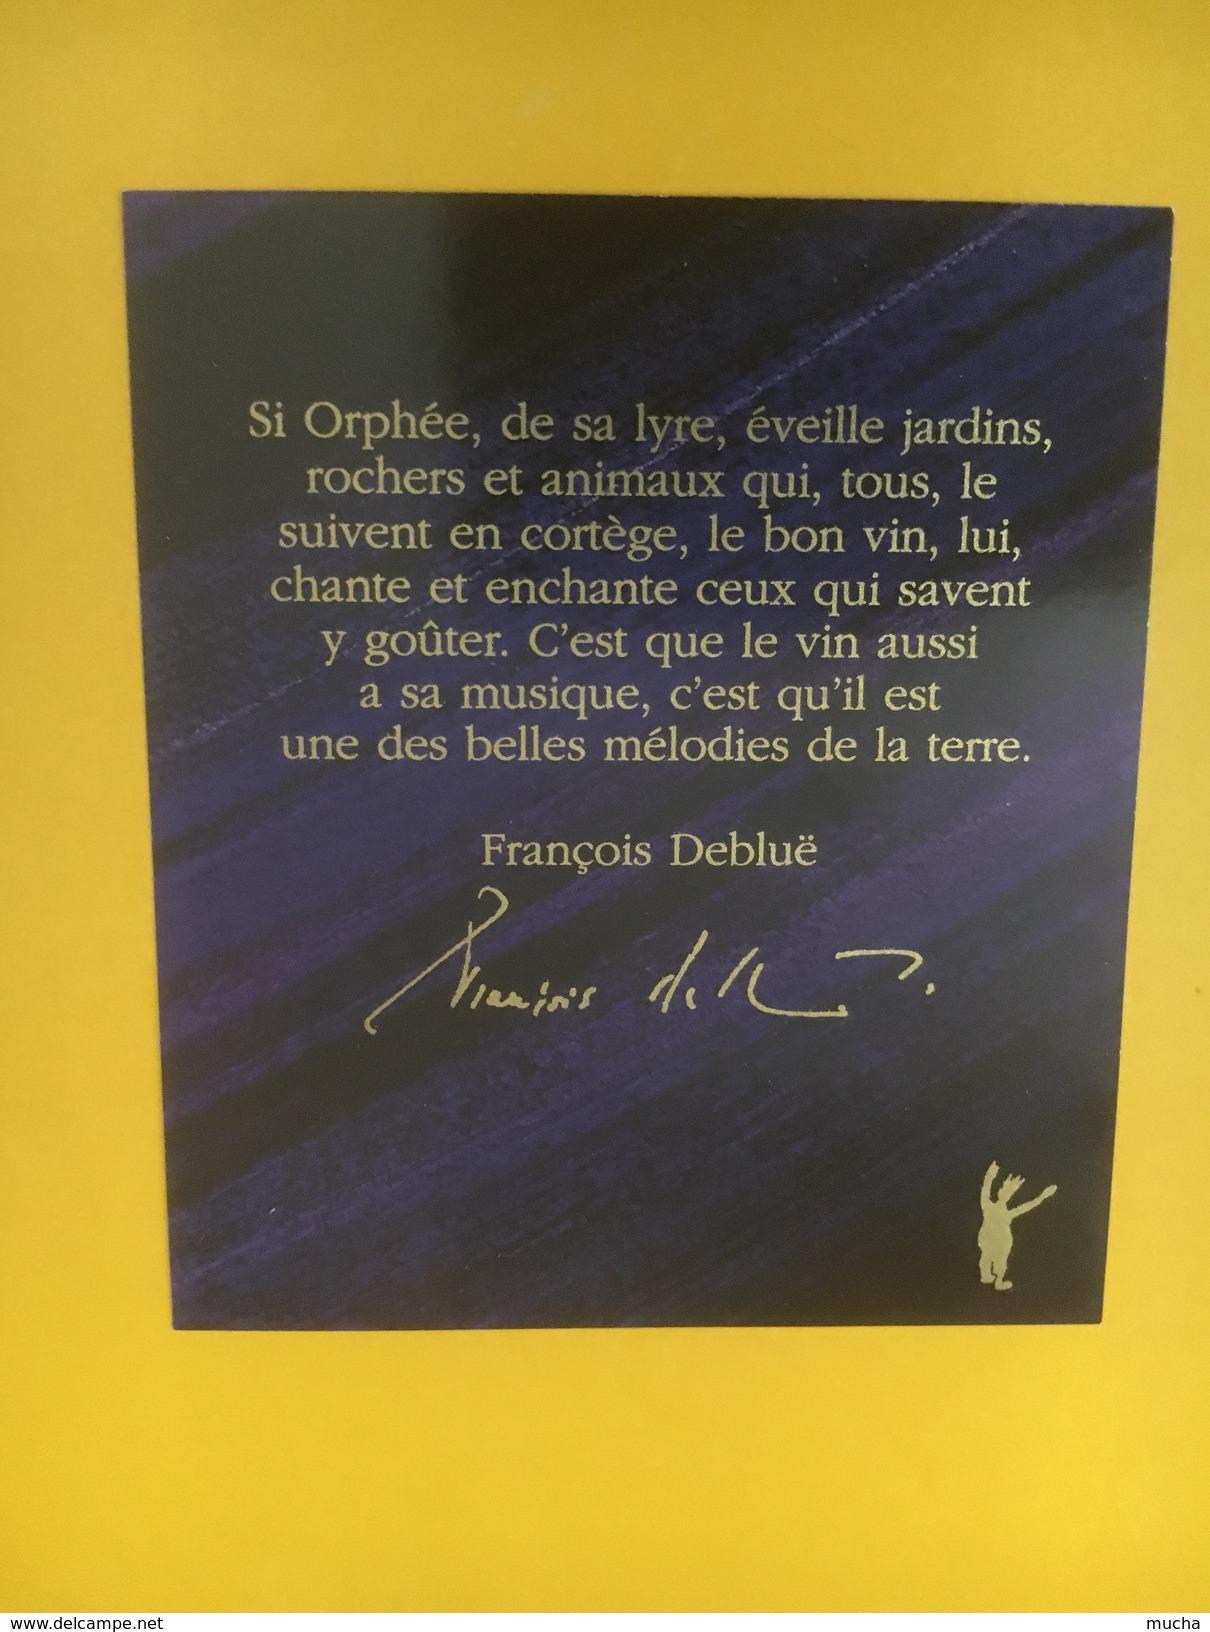 4499 - Fête Des Vignerons Vevey 1999 Le Jardin D'Orphée Lavaux Rouge Hérisson - Etiquettes